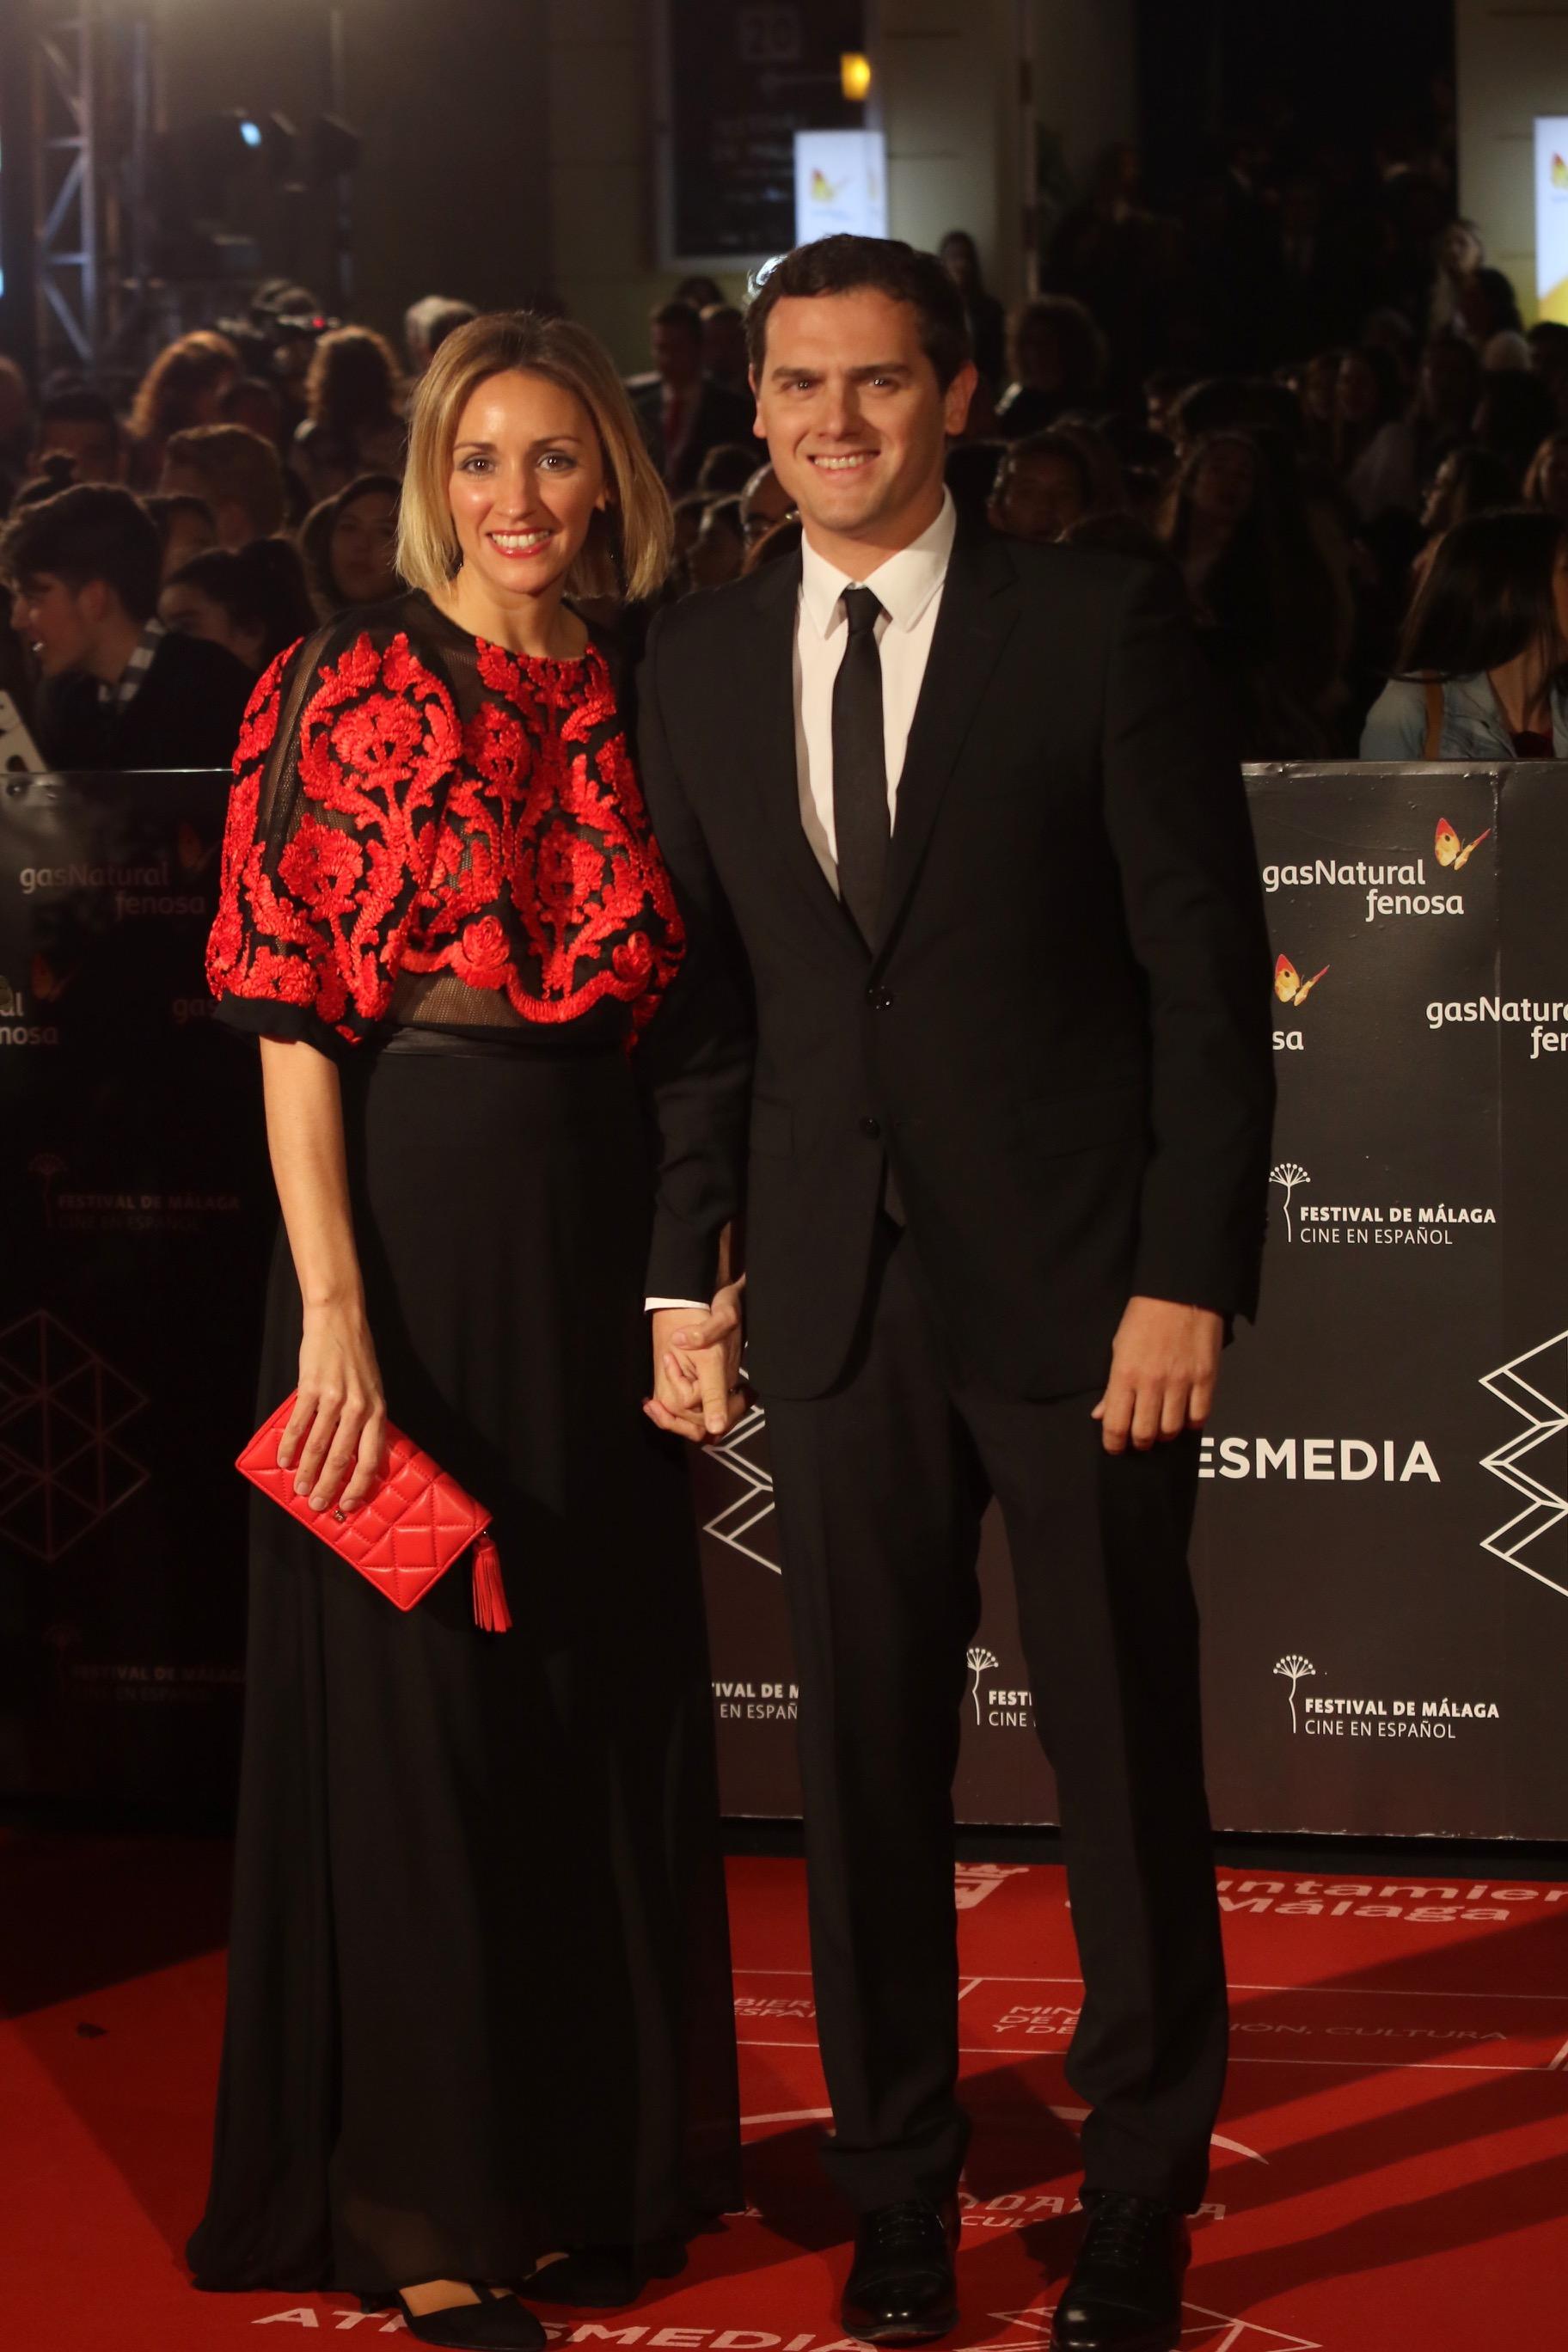 El lider de Ciudadanos Alber Rivera con su novia desfila por la alfombra roja de la gala de inauguración de la 20 edición del festival de cine en Español de Málaga